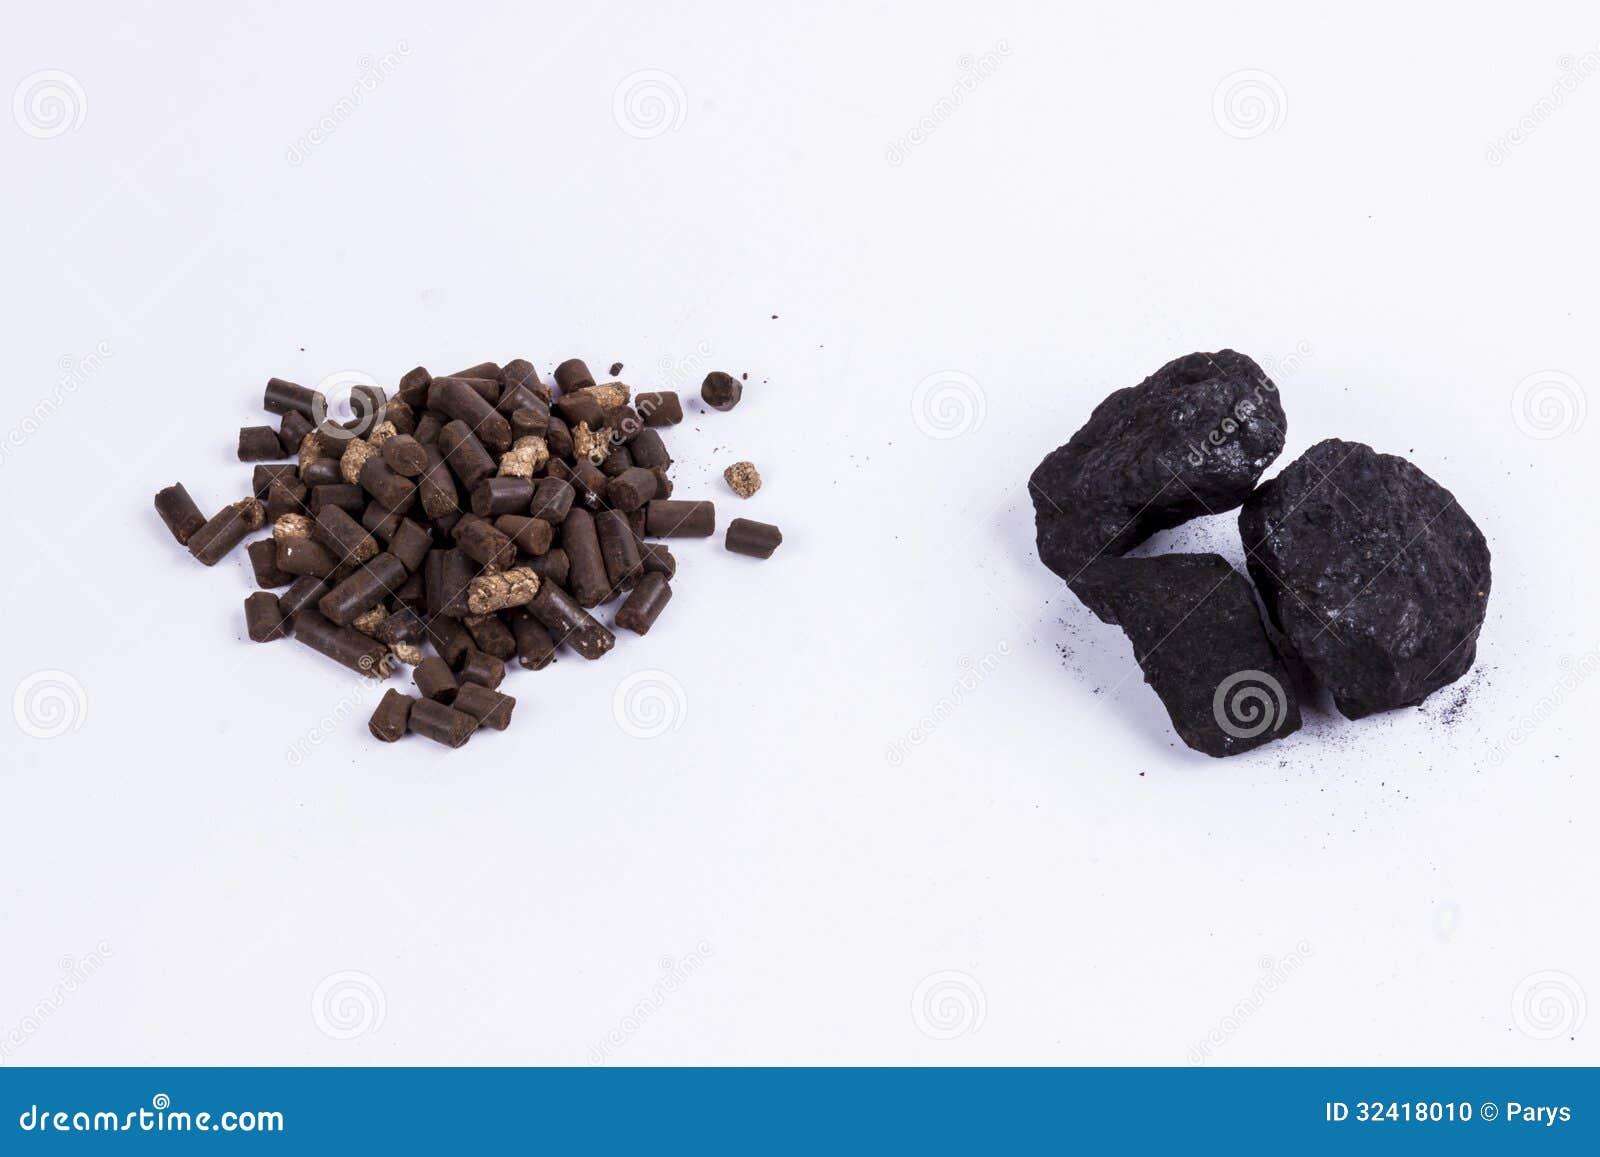 Pelotilla del carbón y de la biomasa - fondo blanco.